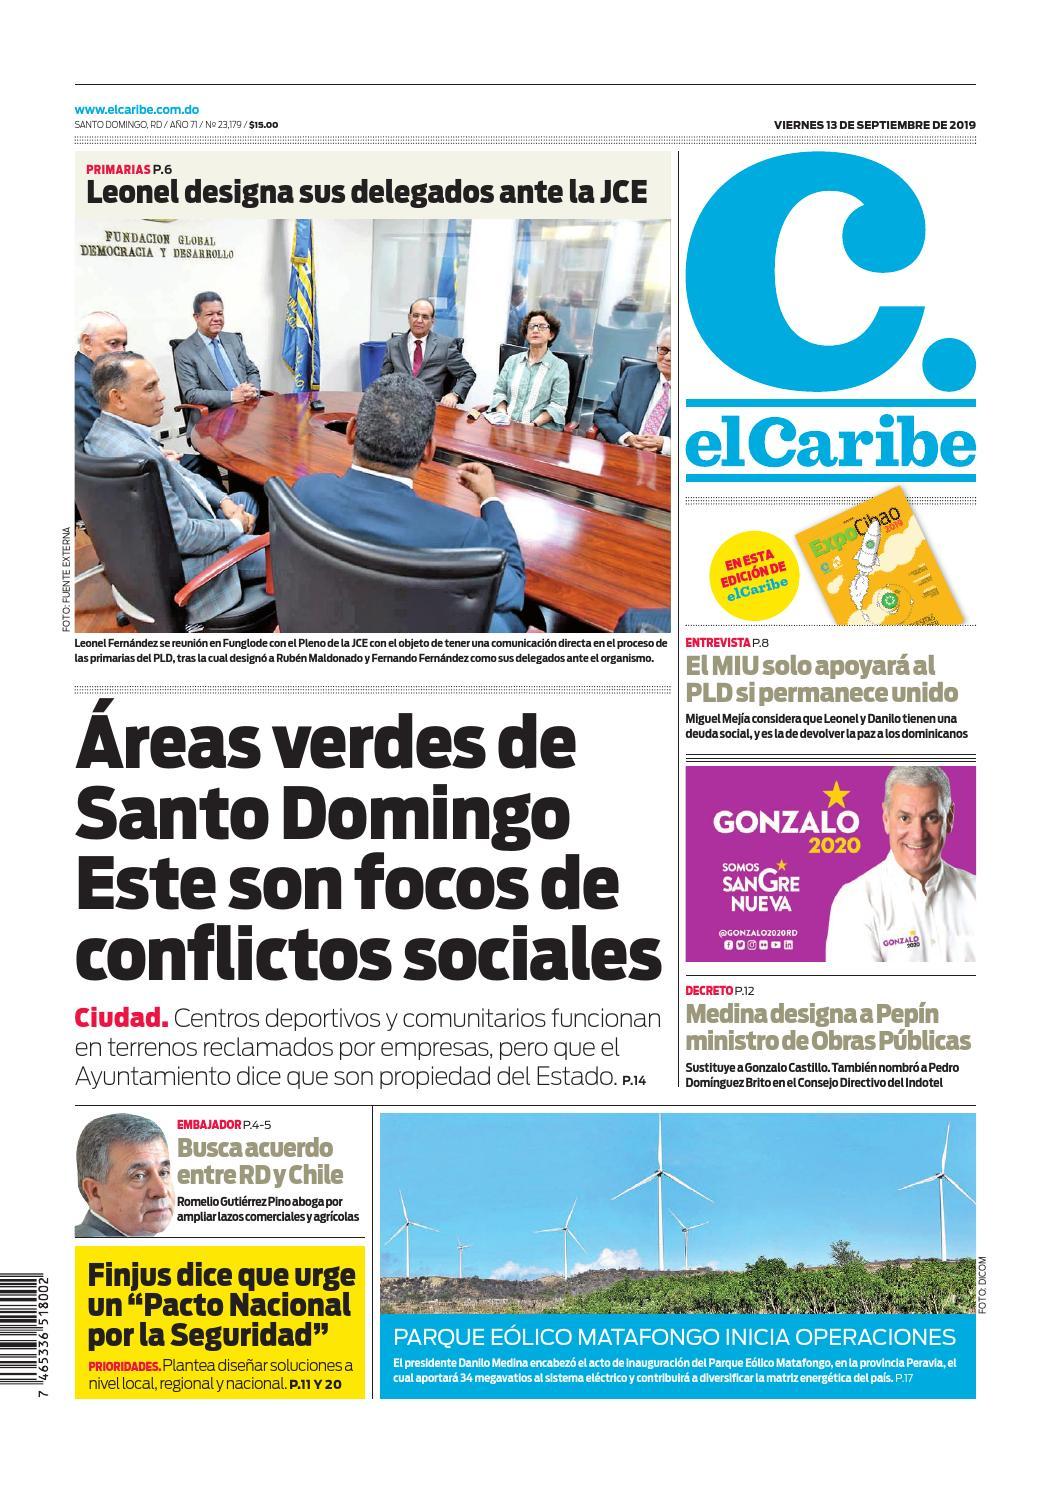 Portada Periódico El Caribe, Viernes 13 de Septiembre, 2019